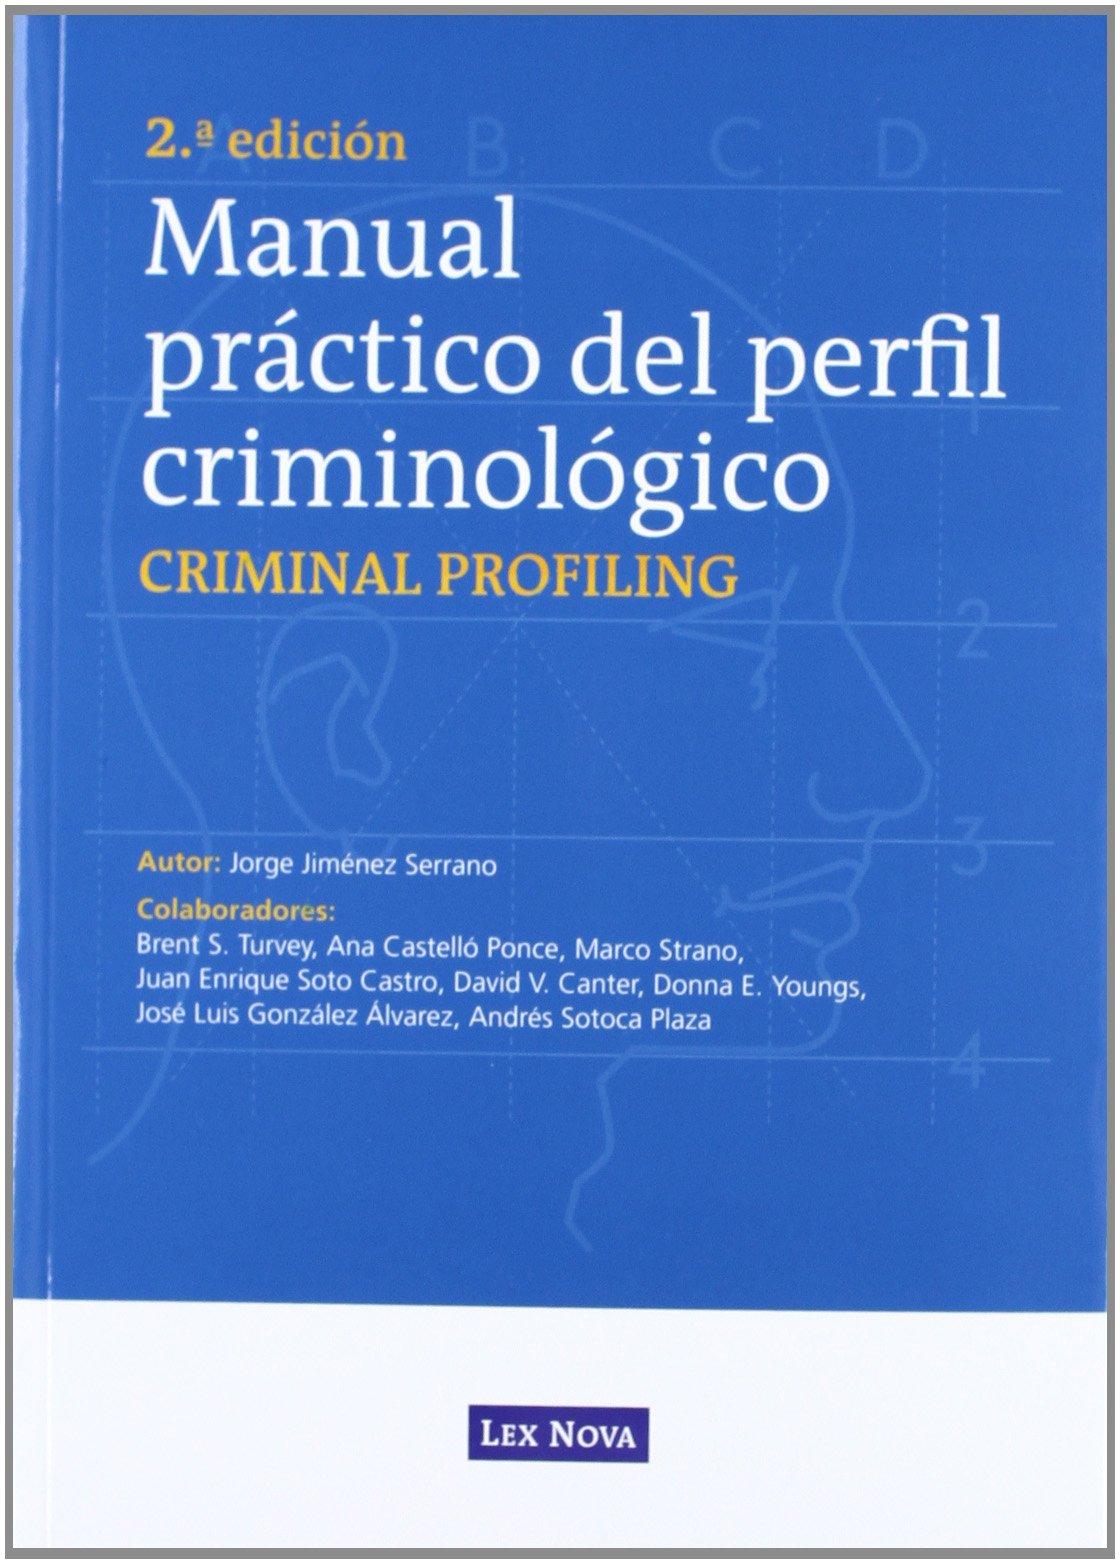 Manual práctico del perfil criminológico (Monografía): Amazon.es: Jorge Jiménez Serrano, Lex Nova: Libros